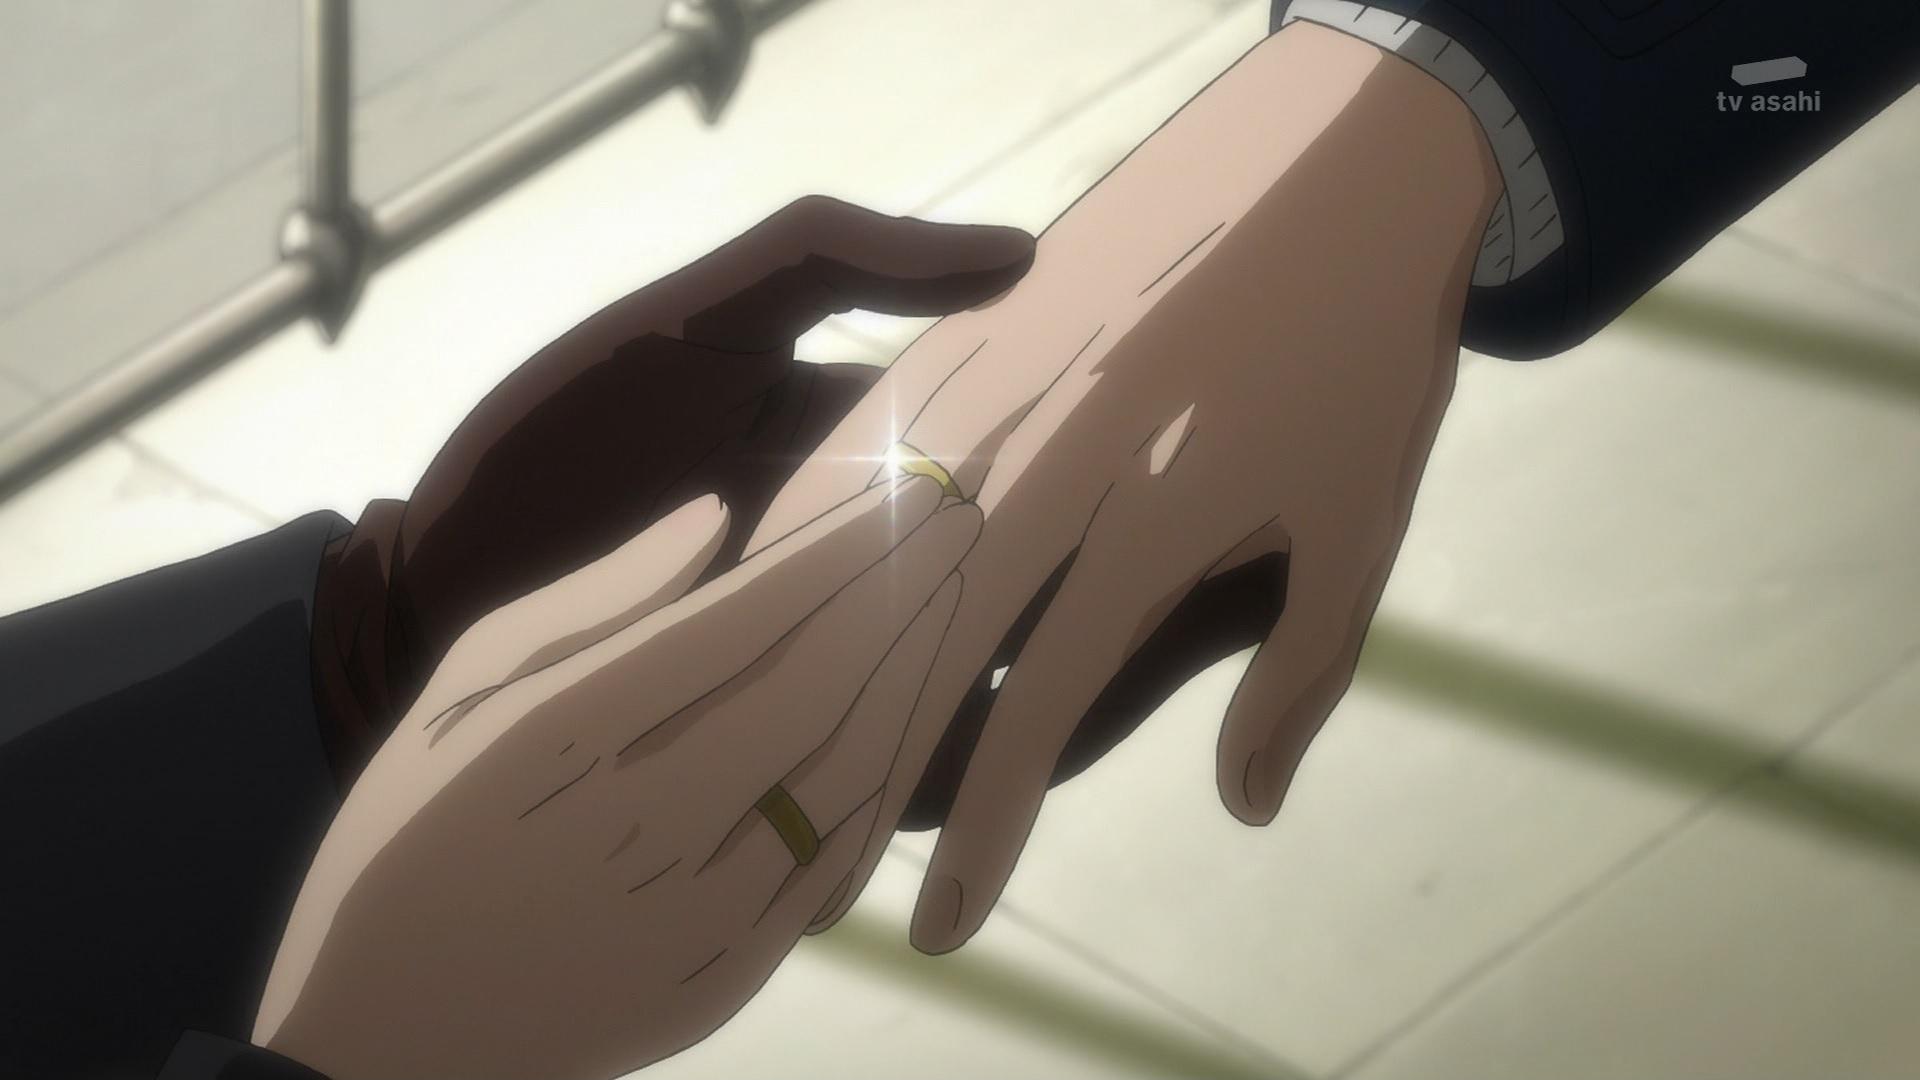 ヴィク勇の結婚指輪(第10話画像)